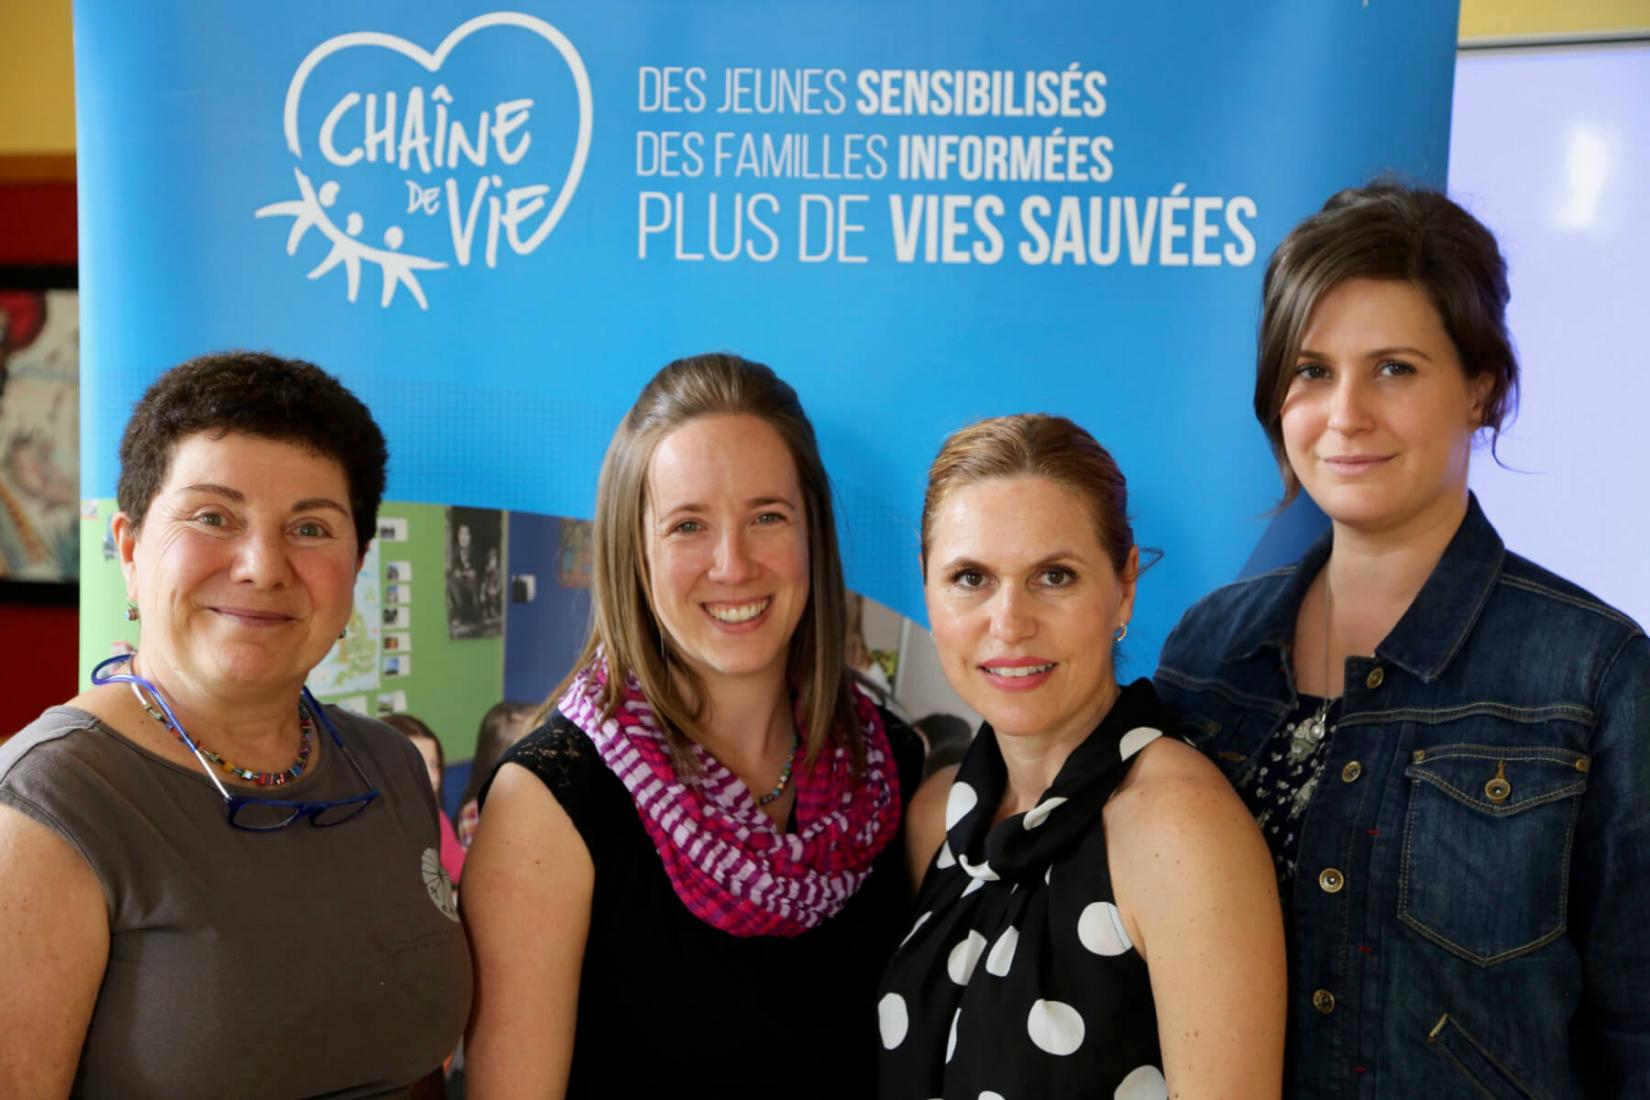 Lucie Dumont, Sara Lemieux-Doutreloux, Doris Rainha et Janie Boulianne Gref